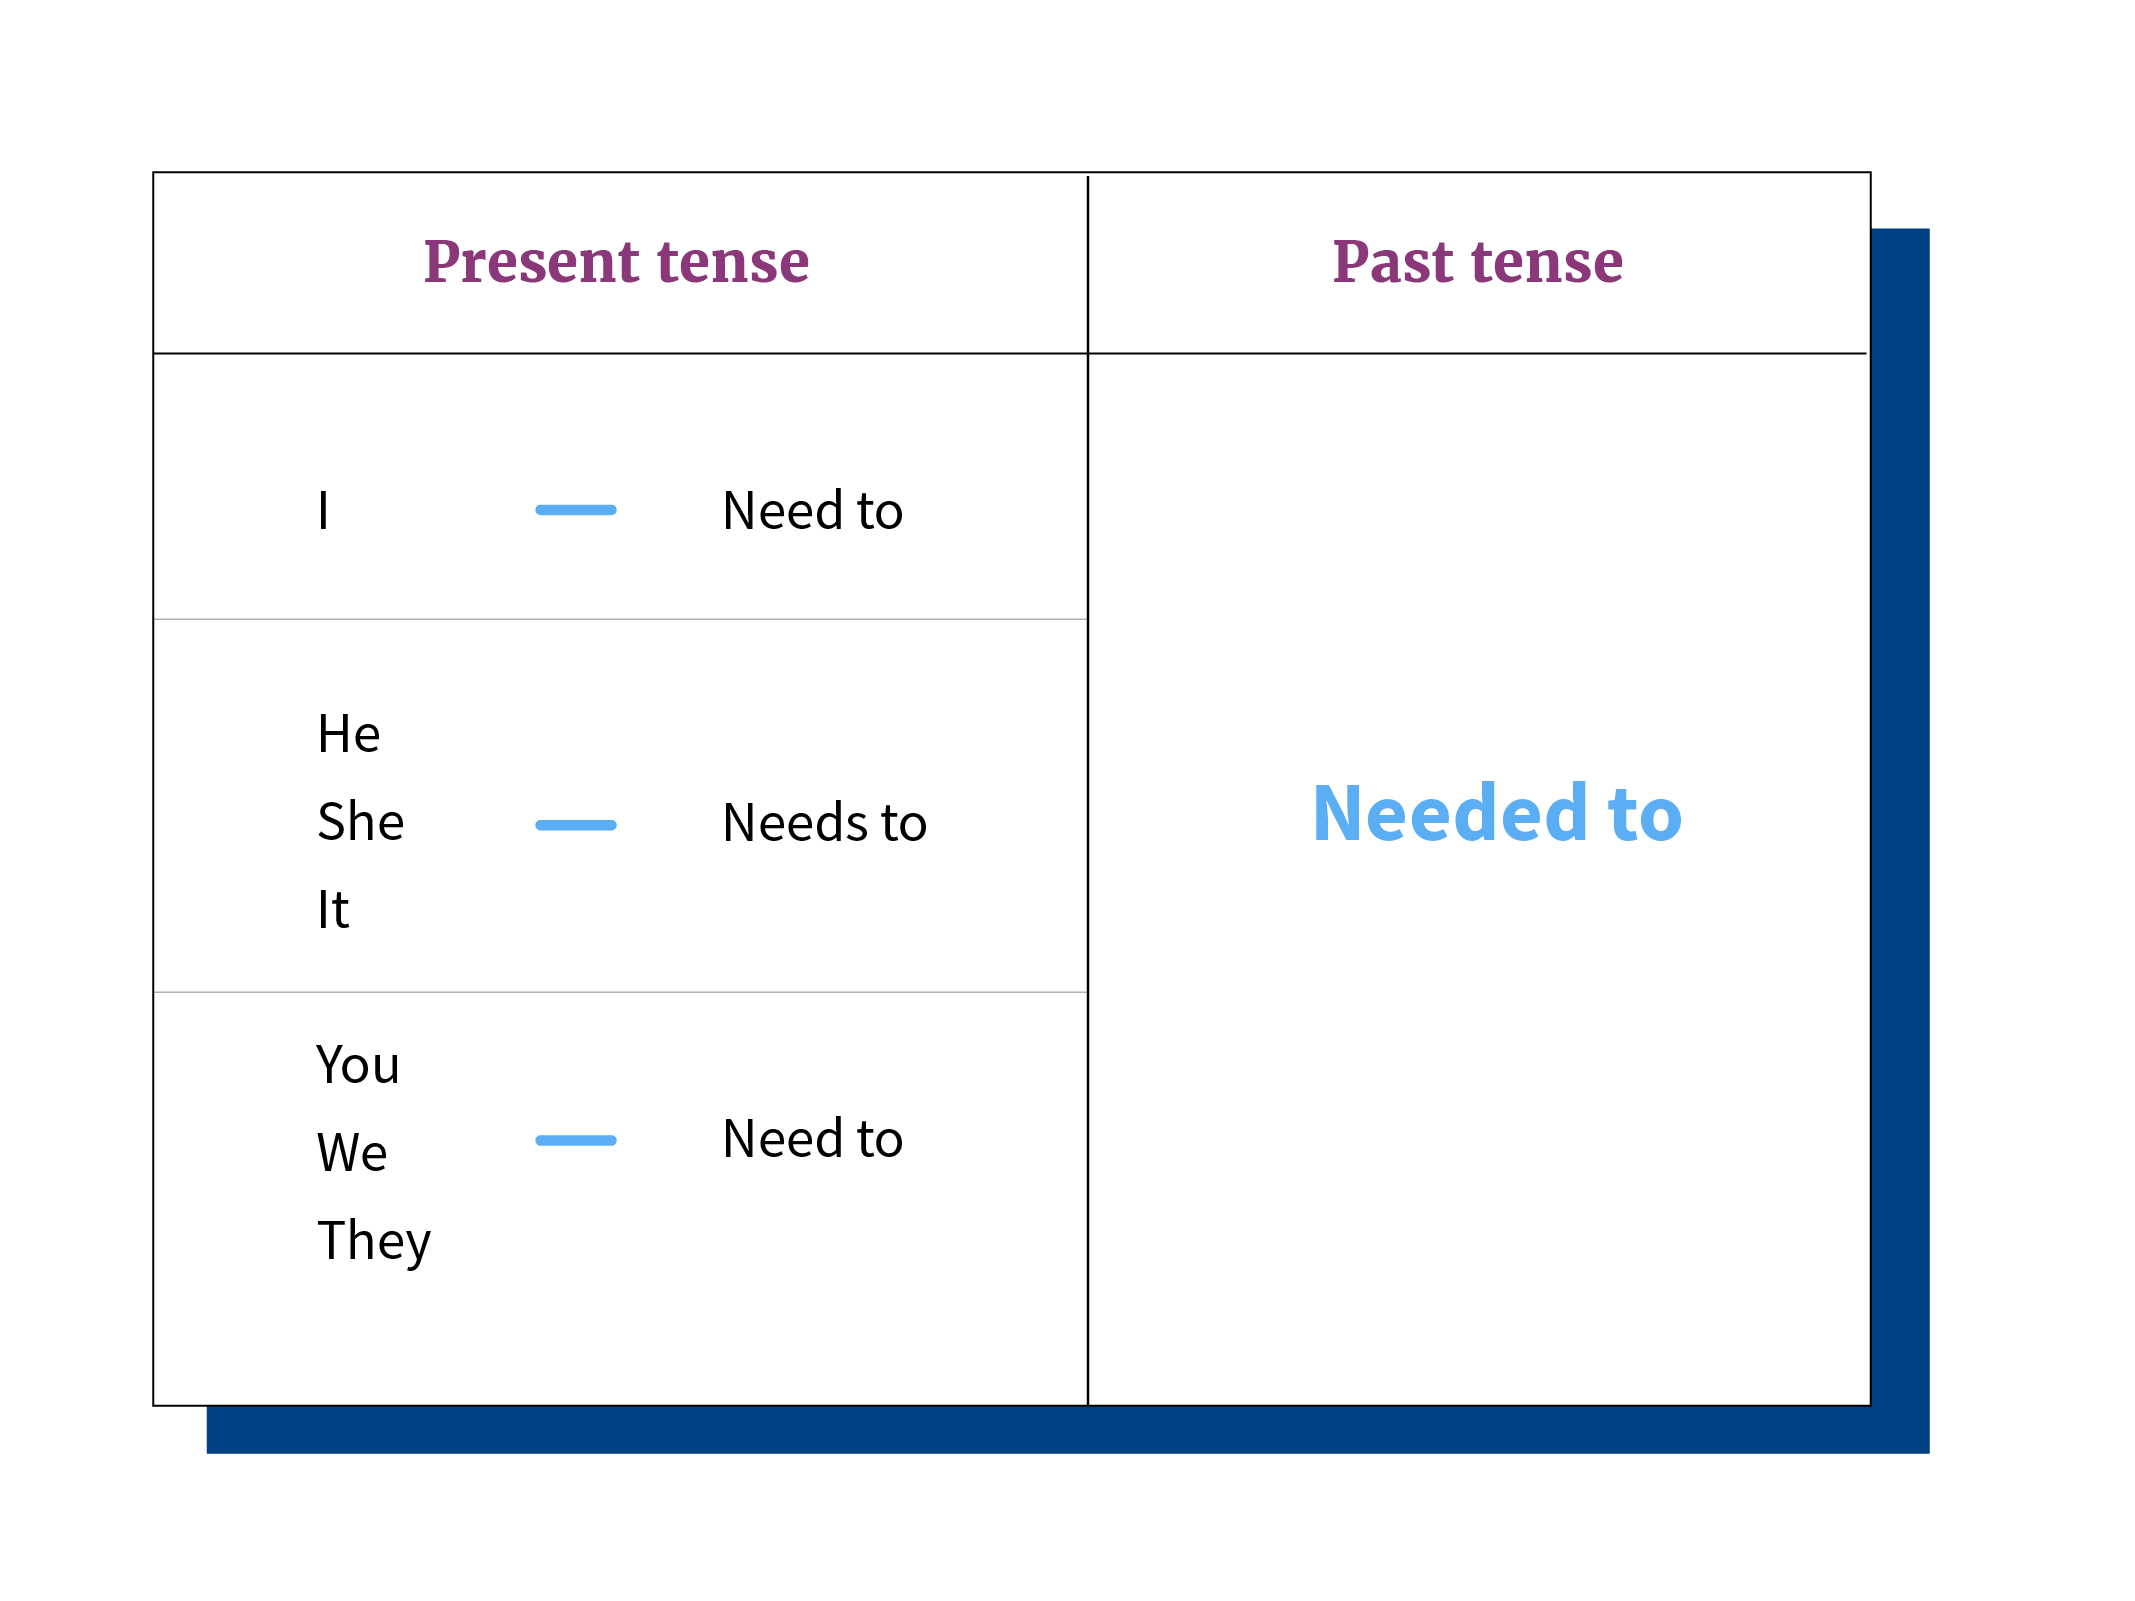 Tabela de conjugação do verbo to need no presente e passado.